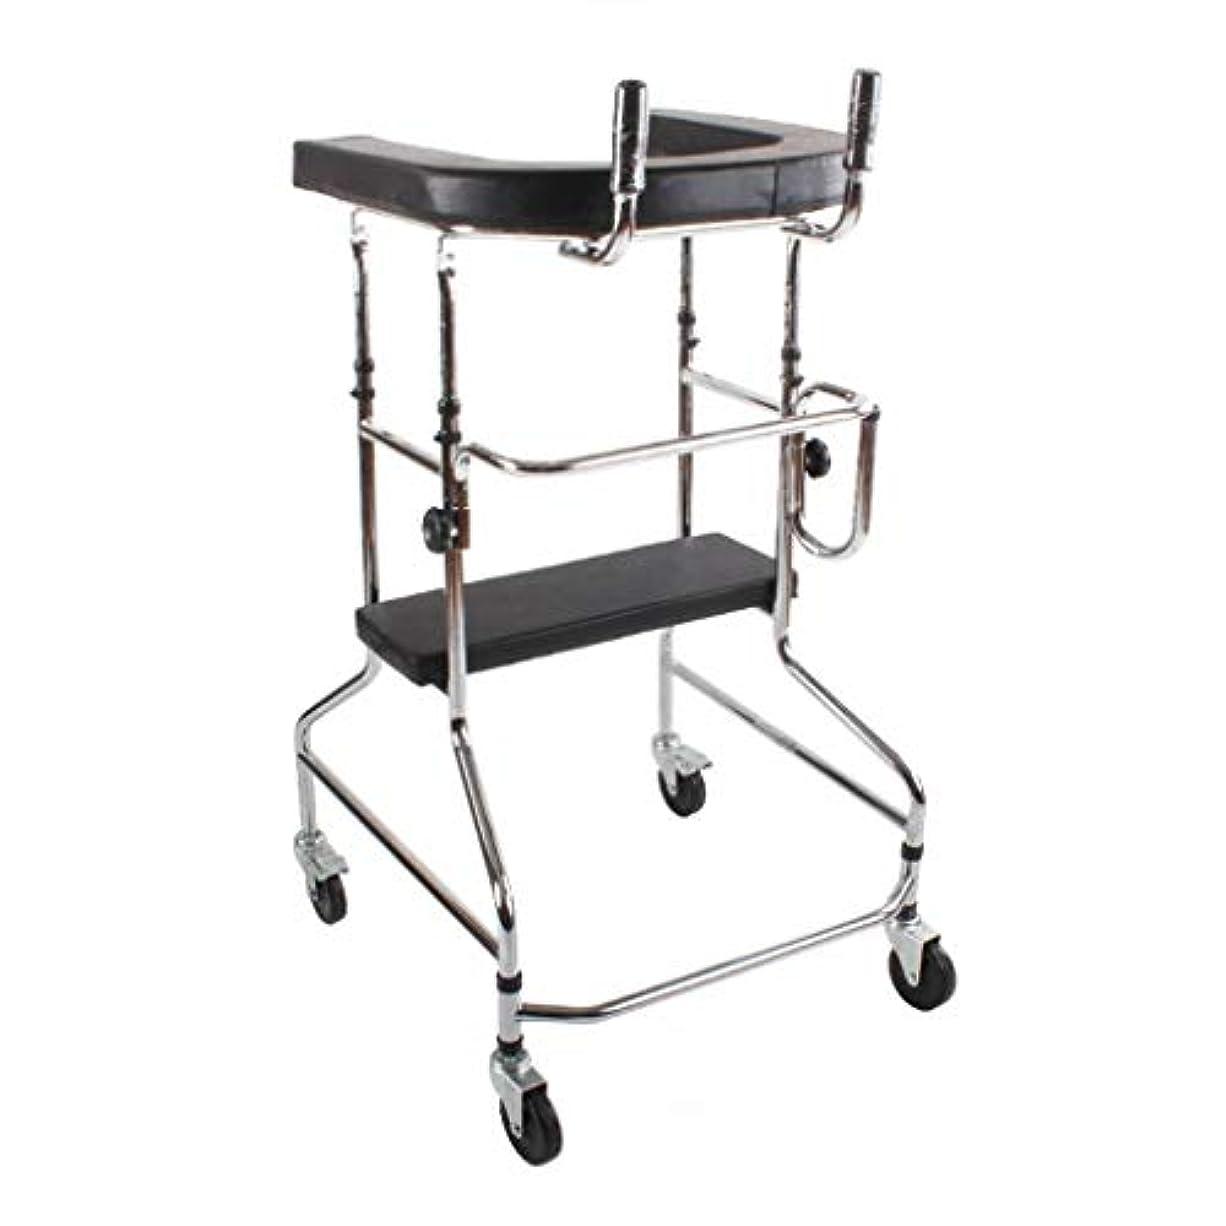 摩擦スクリーチ甘美なBNSDMM 步行器 ウォーカー - 高齢者用ウォーカーウォーカー下肢リハビリテーション機器健康スタンディングウォーカーホイールとシートリハビリ機器